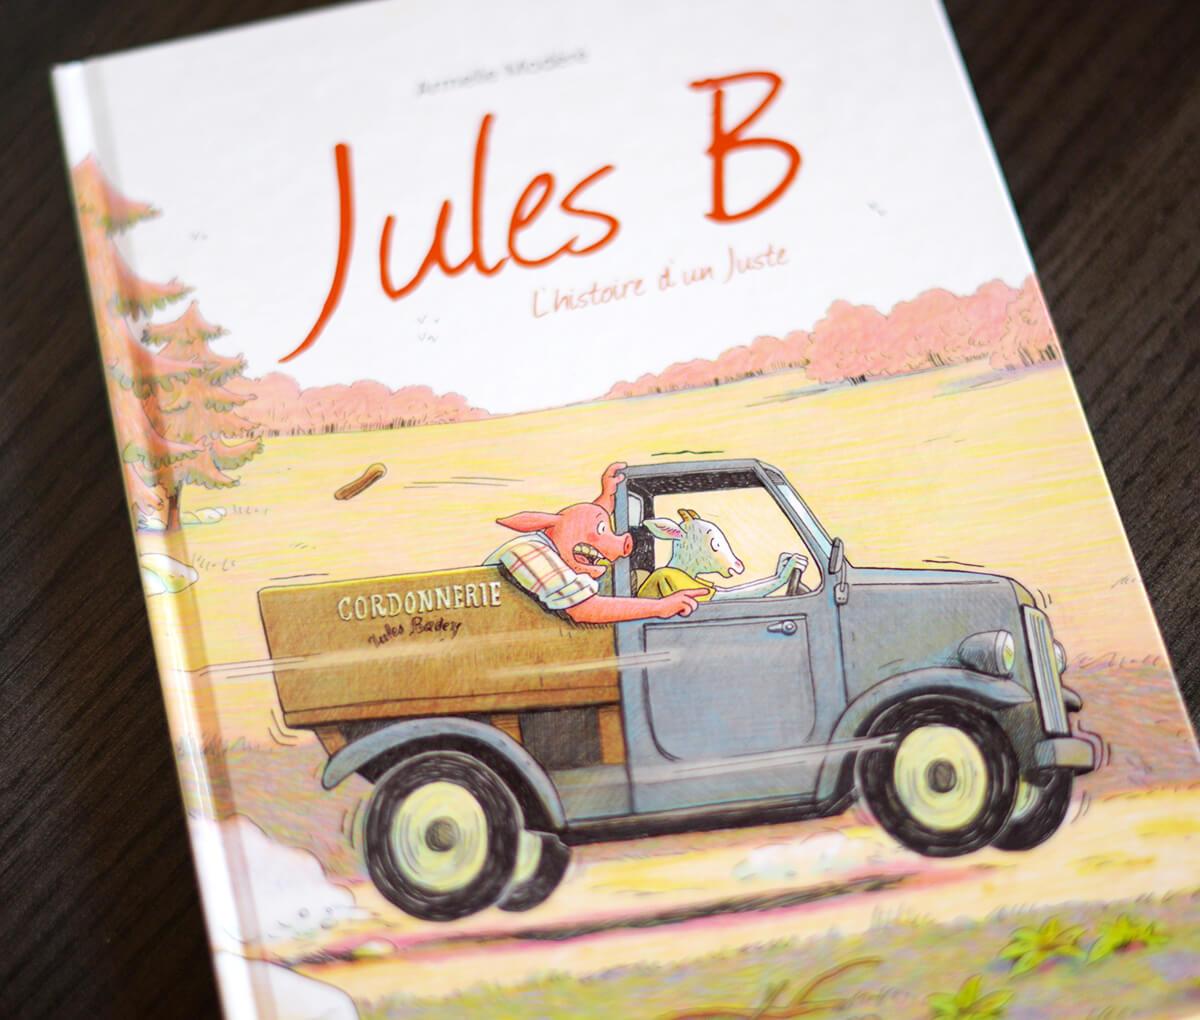 Jules B l'histoire d'un Juste Modéré couverture